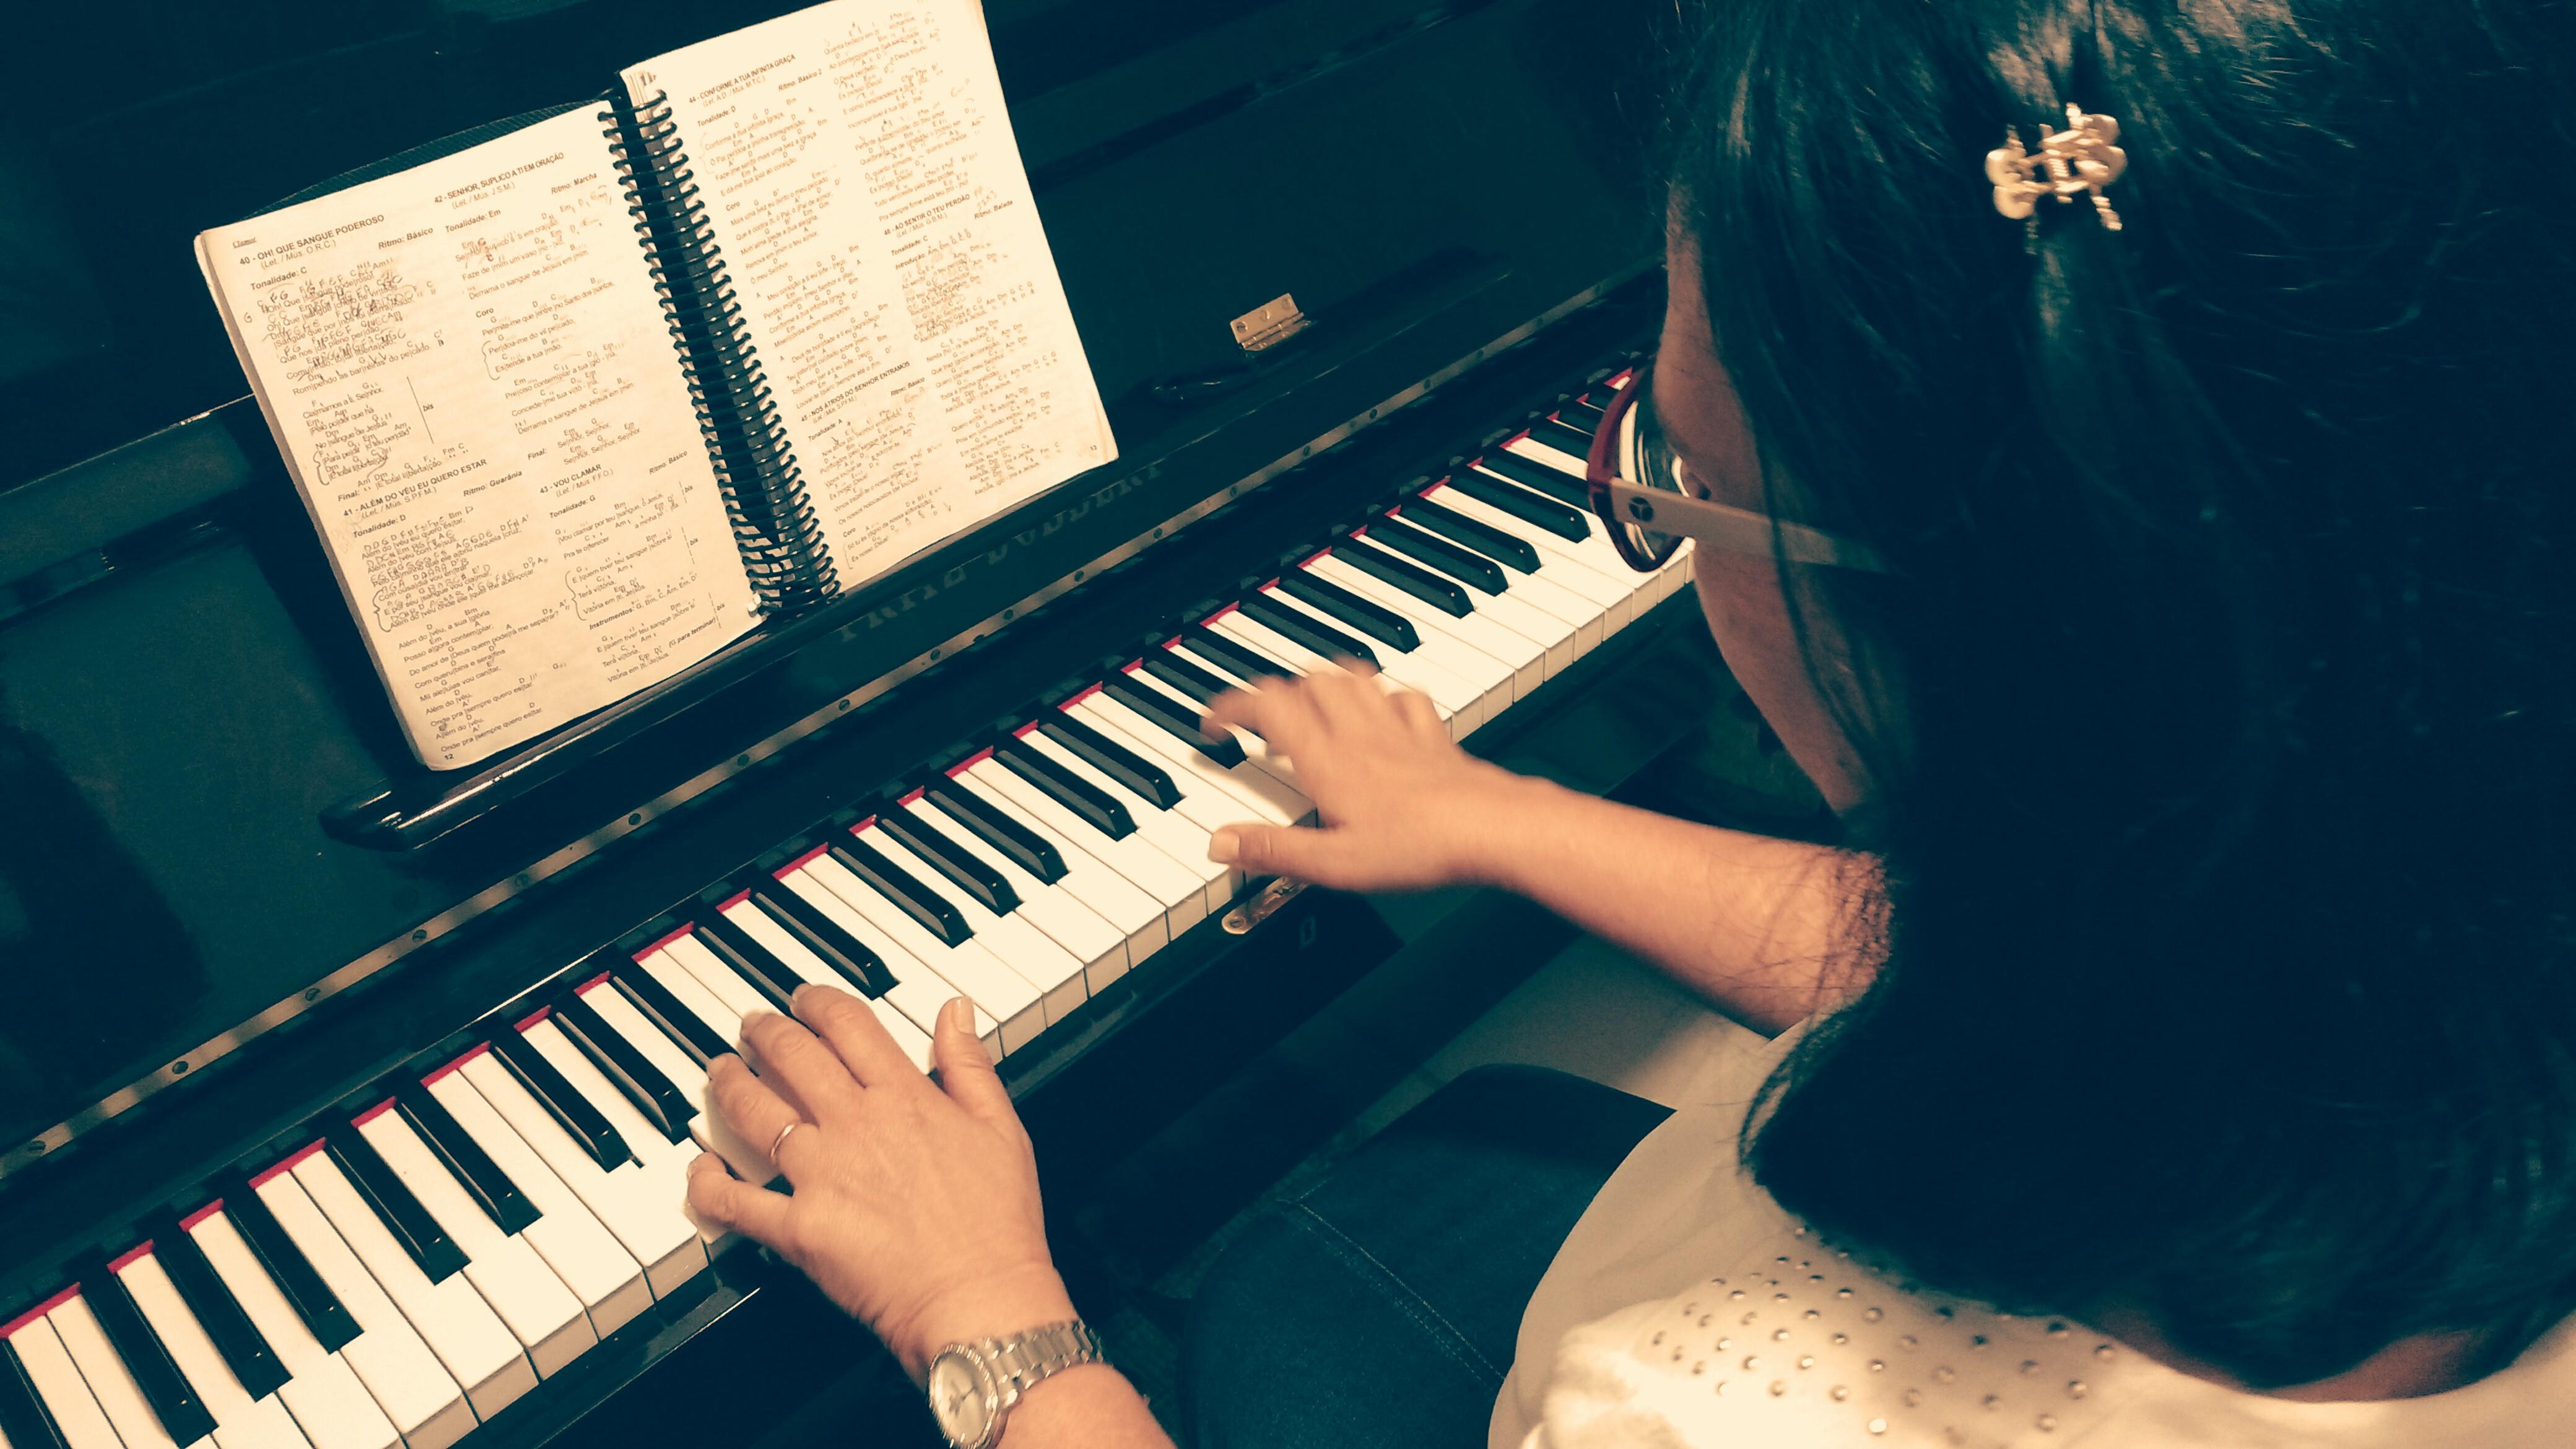 #professordemusica #juizdefora #aprenderteclado #musicalizaçãoinfantil  #pianoiniciante #tecladoiniciante #aprenderteclado #estudarpiano